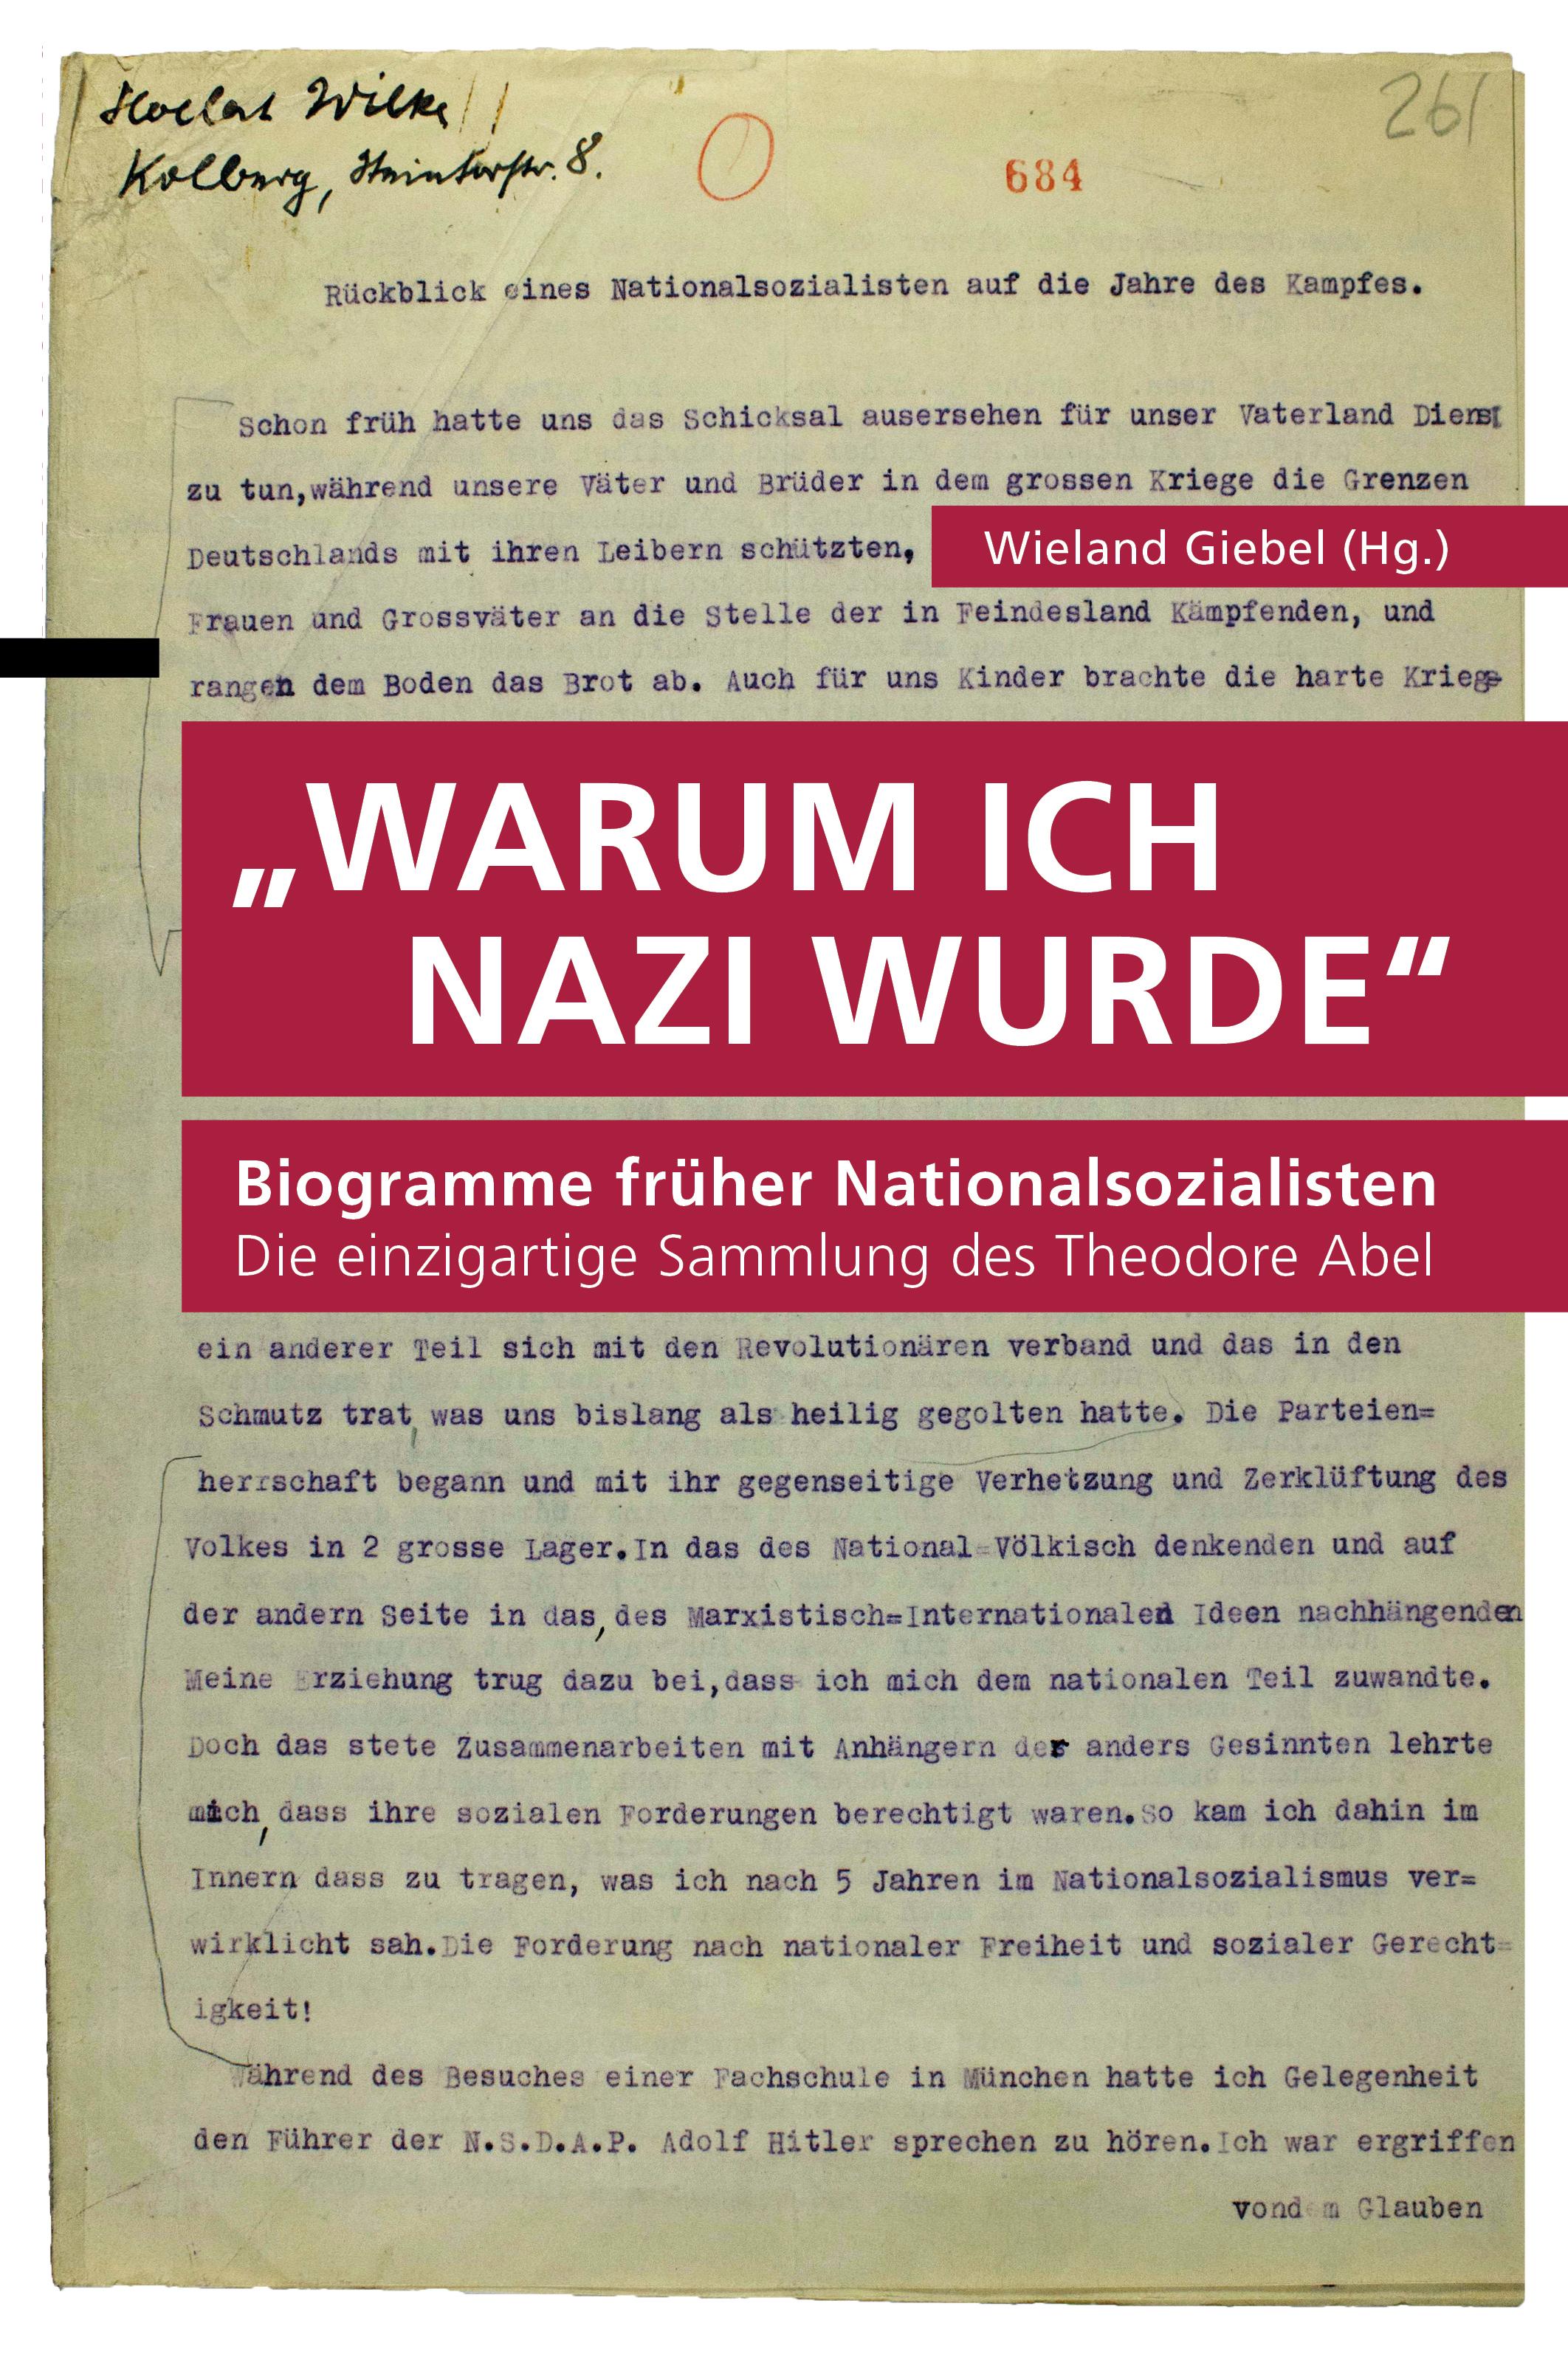 Biogramme früher Nationalsozialisten - Warum ich Nazi wurde